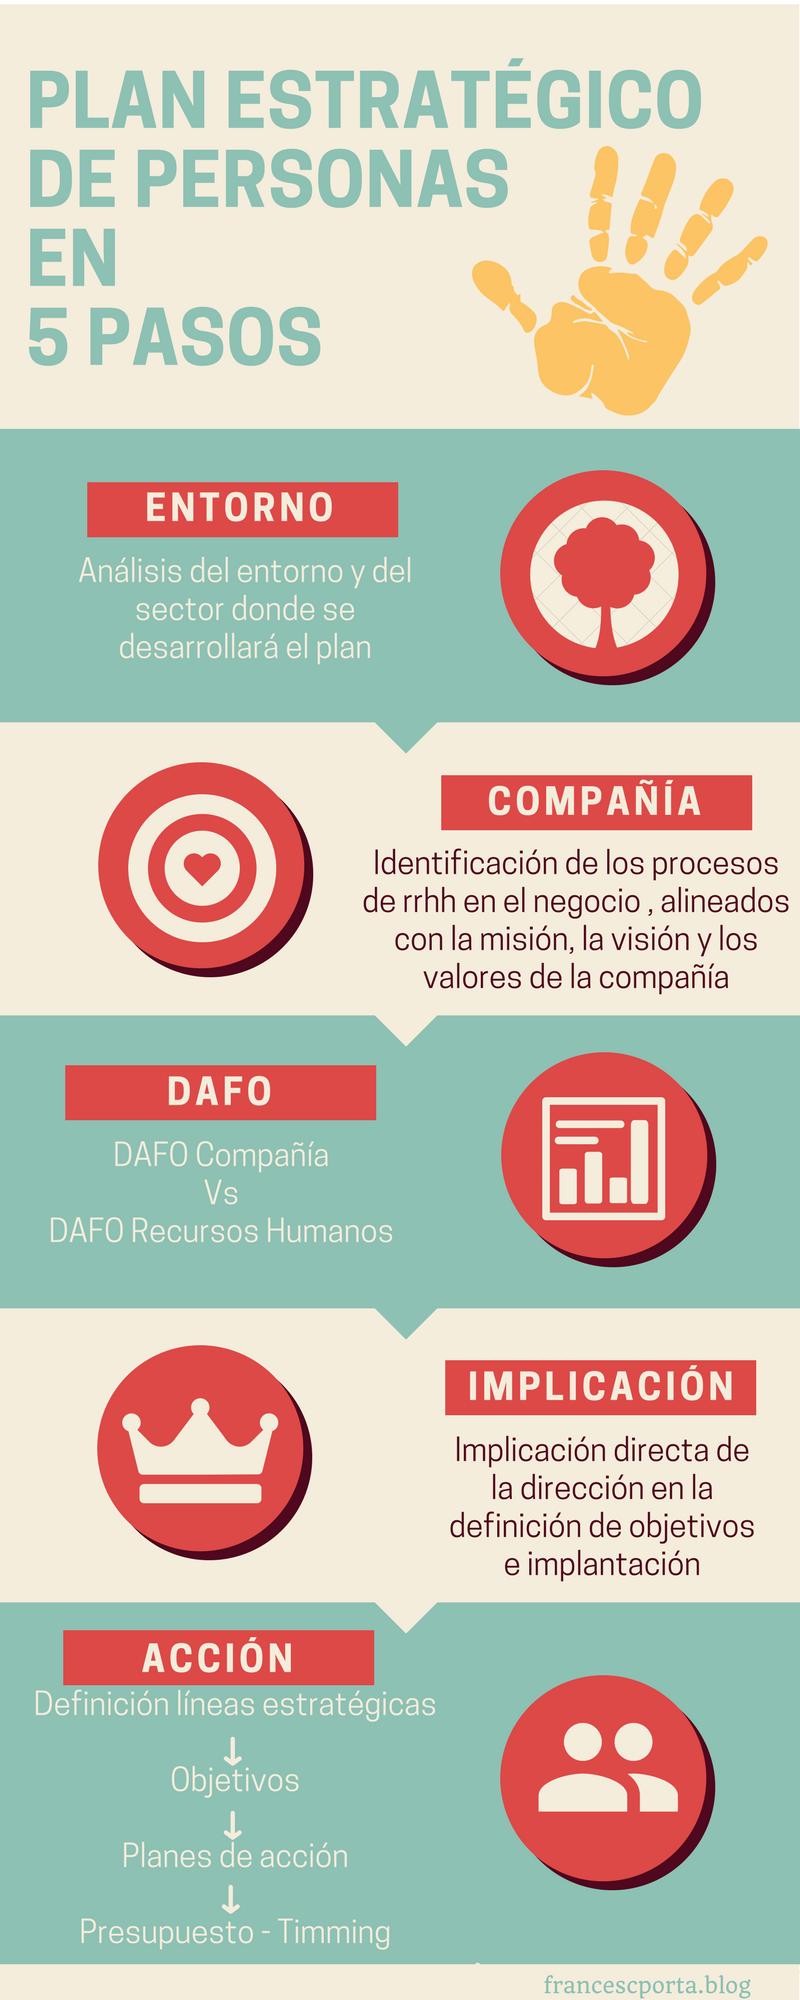 5 PAS0S PARA UN PLAN ESTRATEGICO DE PERSONAS (1).png